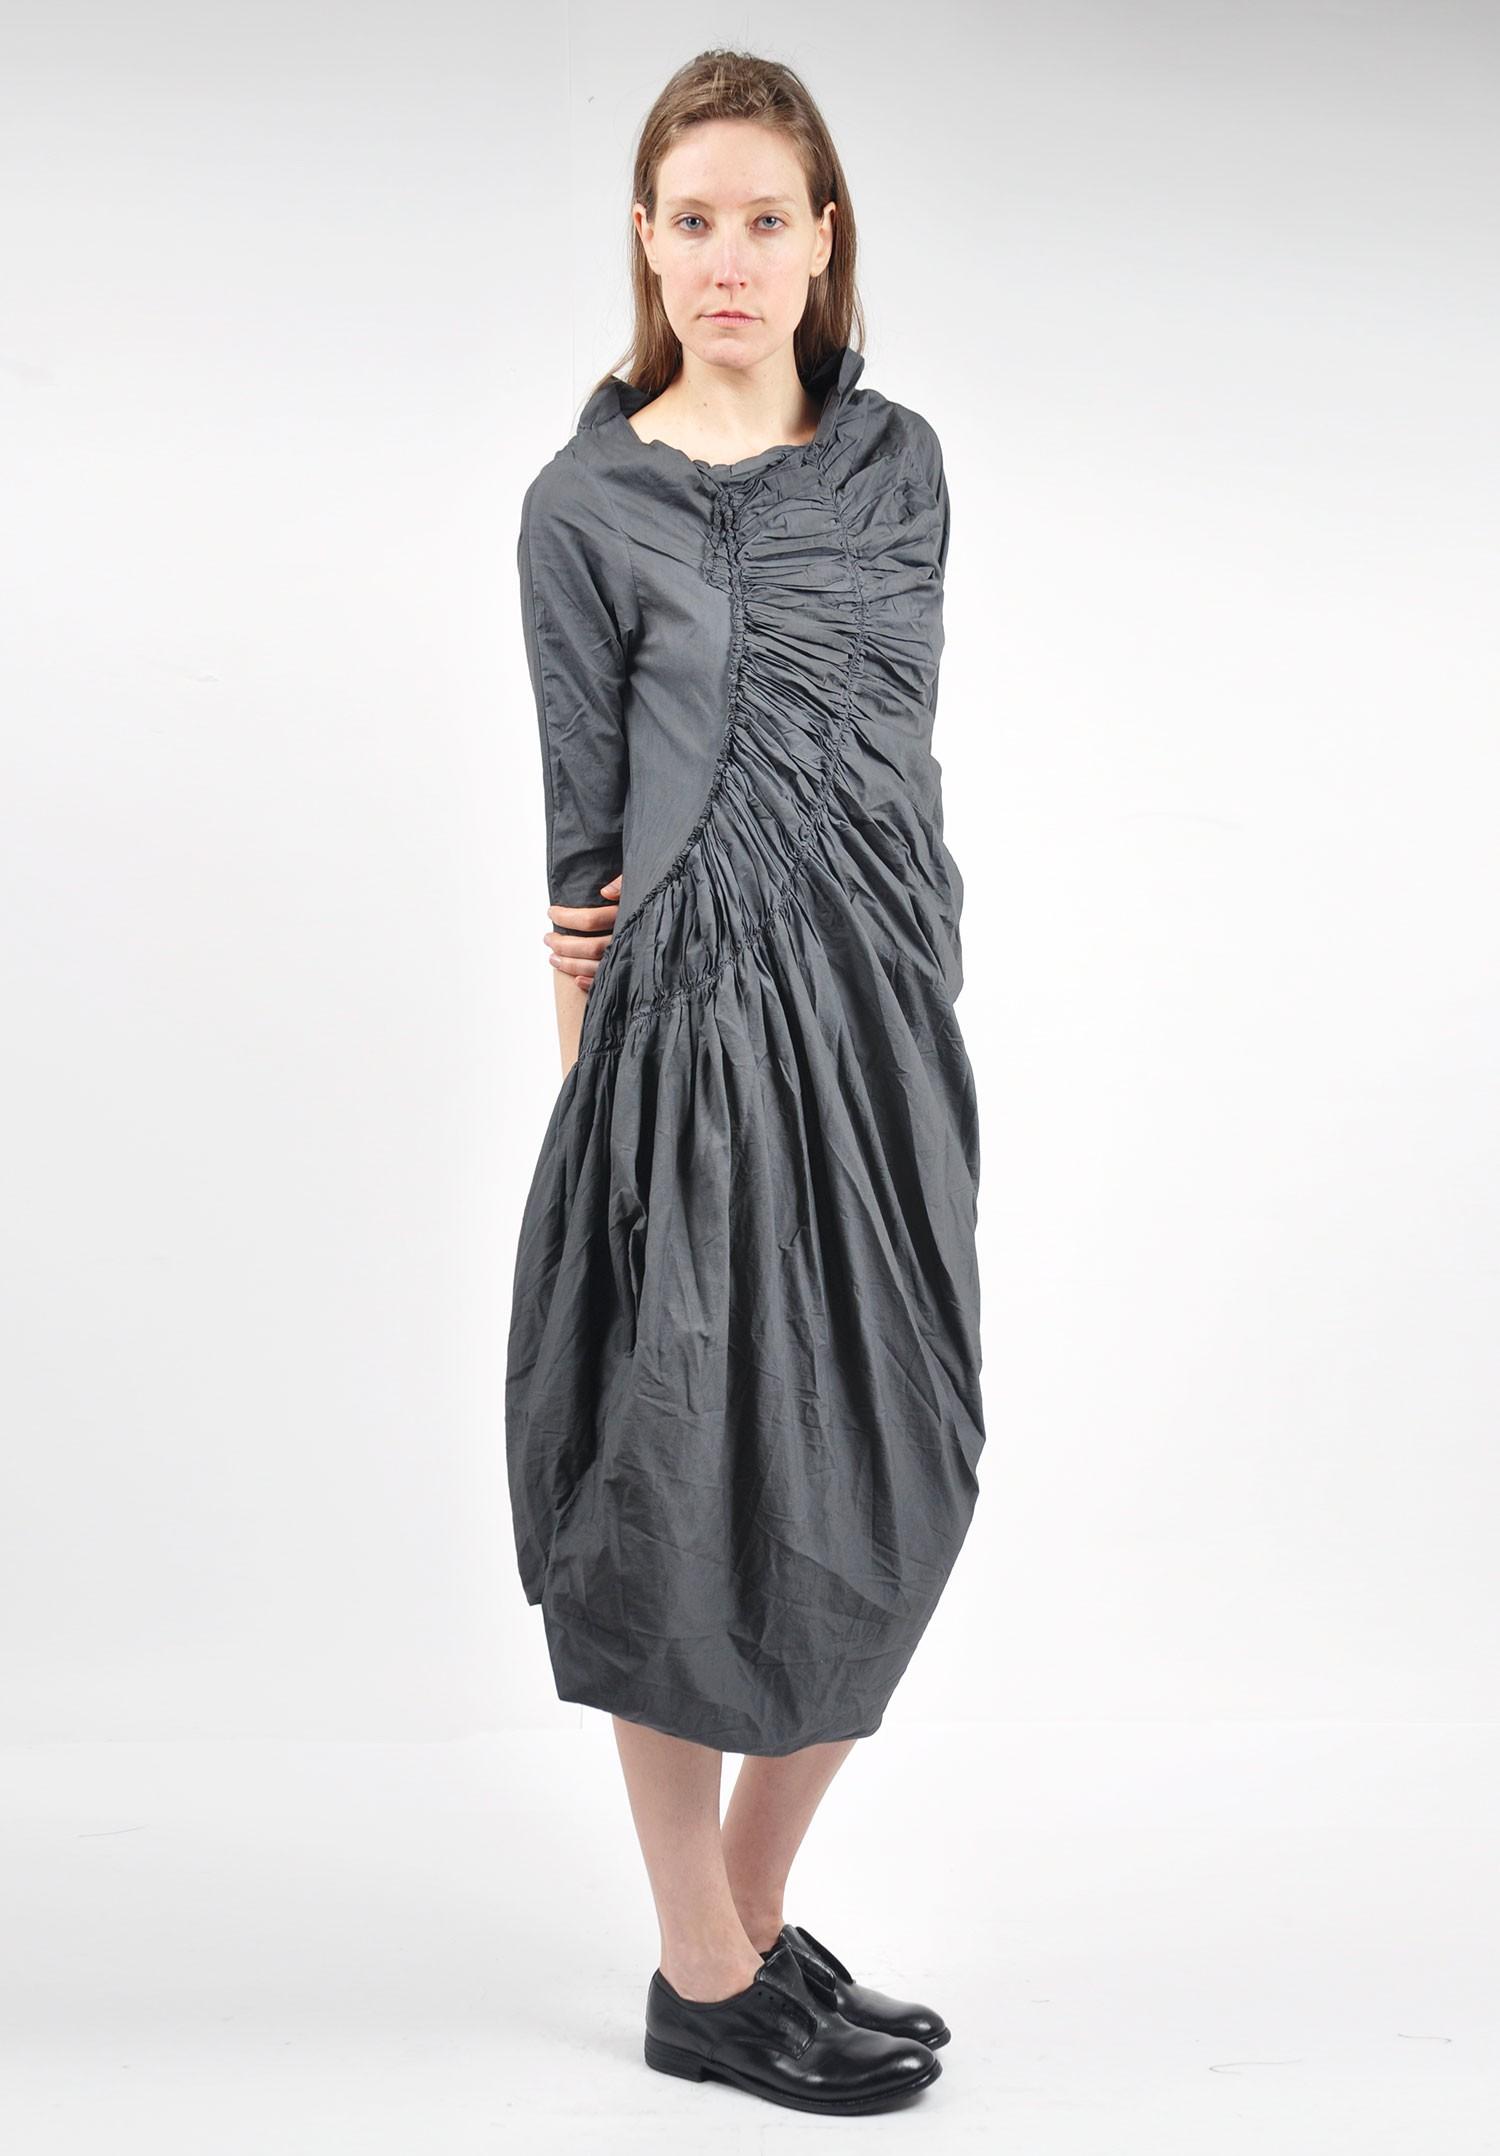 Rundholz Black Label Ruched Tulip Dress In Tang Santa Fe